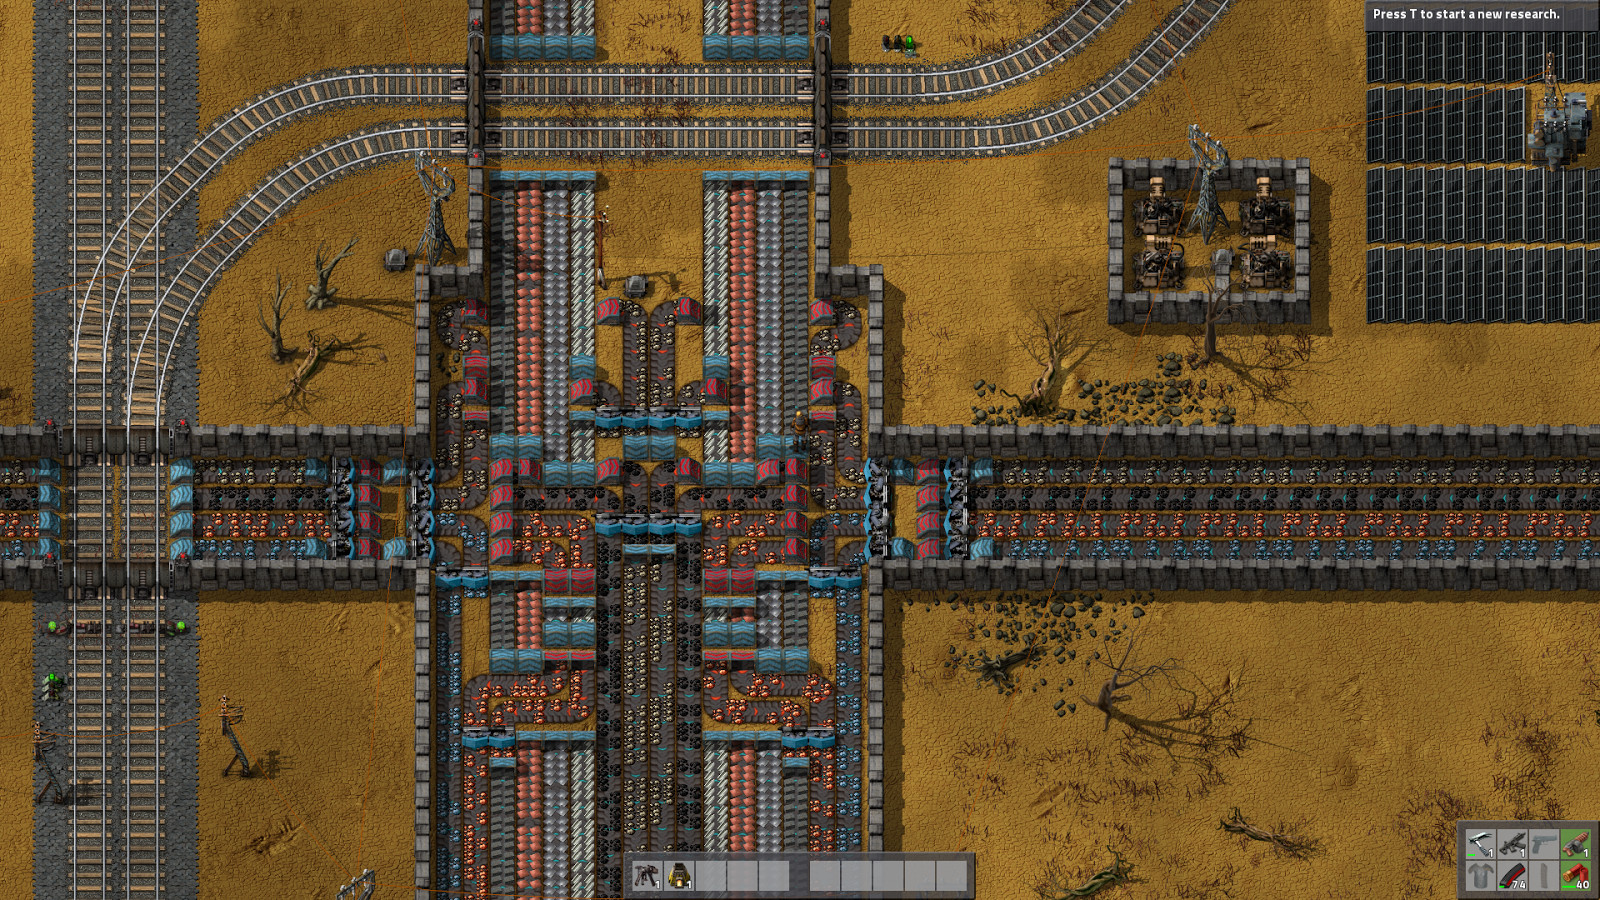 Factorio Onrpg